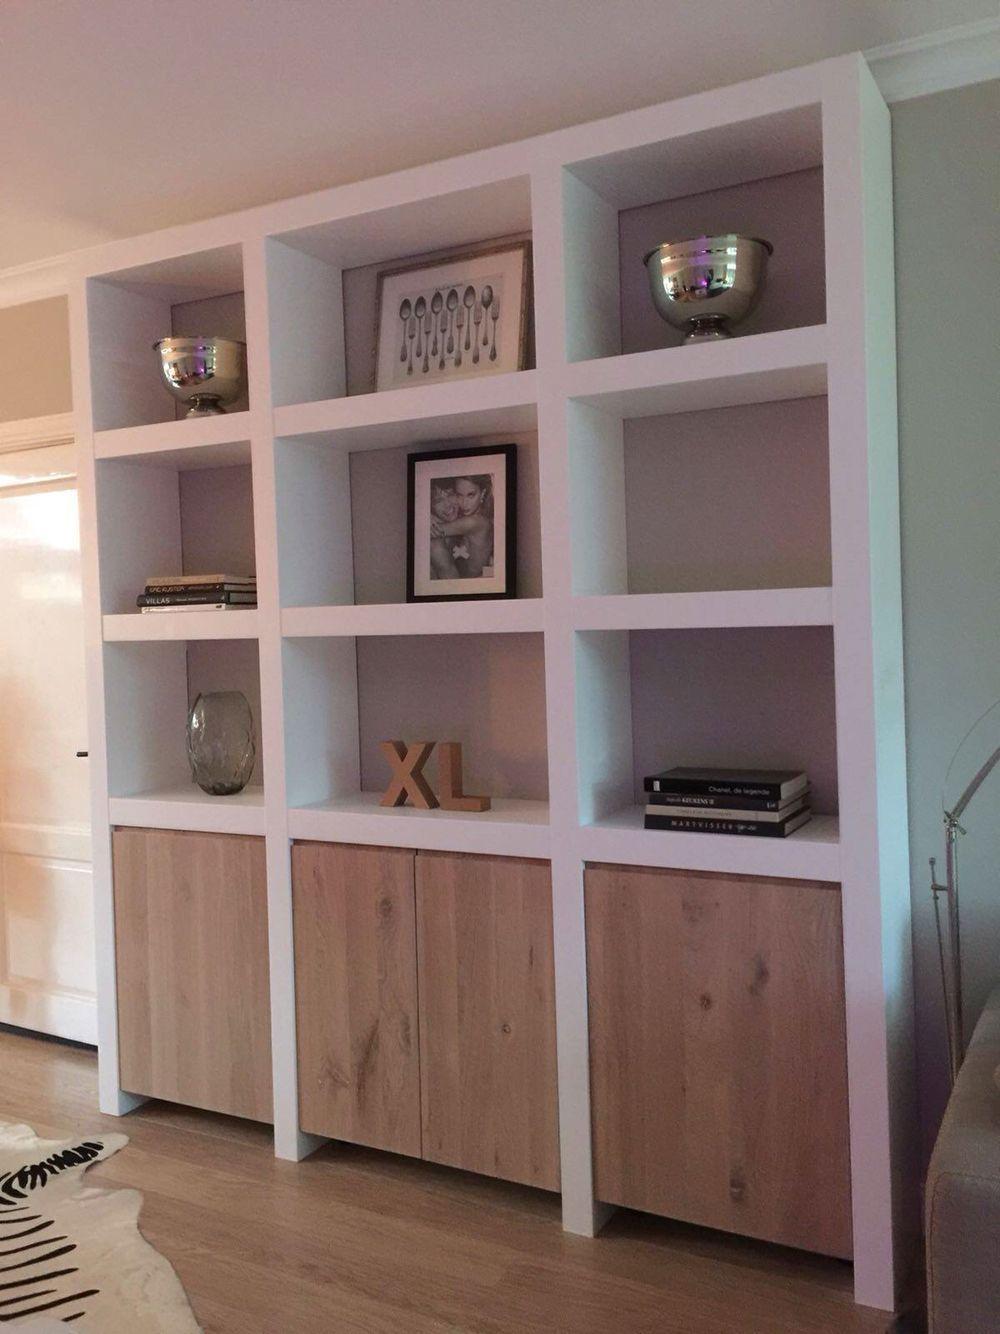 23 Hanging Wall Shelves Furniture Designs Ideas Plans: Mooie Kast Koak Design (met Afbeeldingen